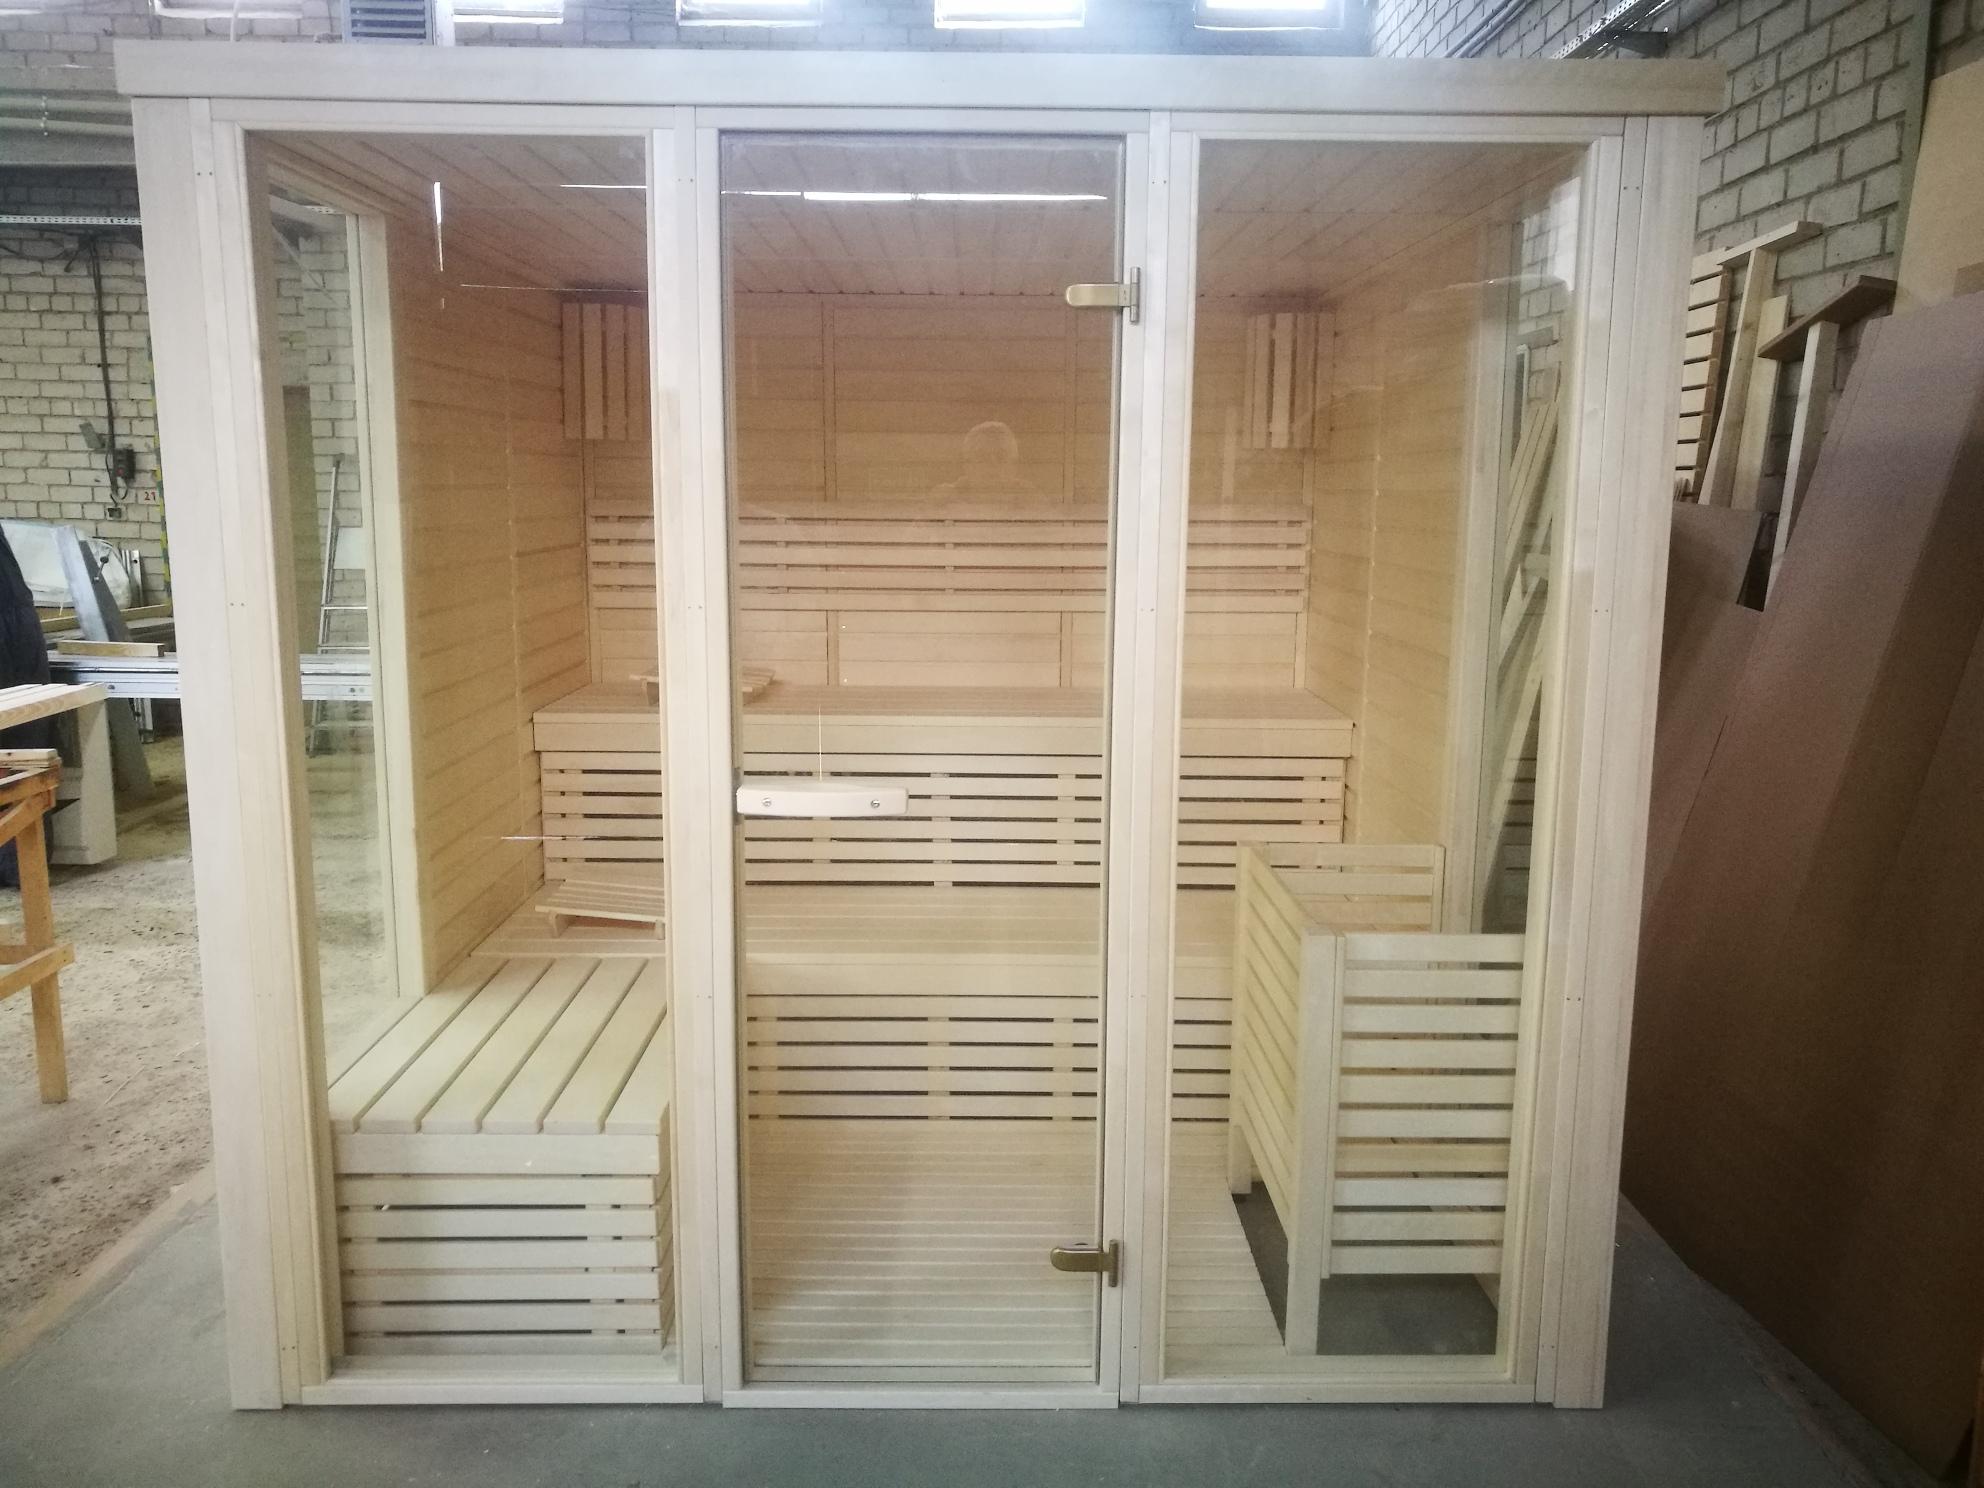 Sauna da interni prefabbricata in legno l'ontano, il pioppo tremolo o tiglio